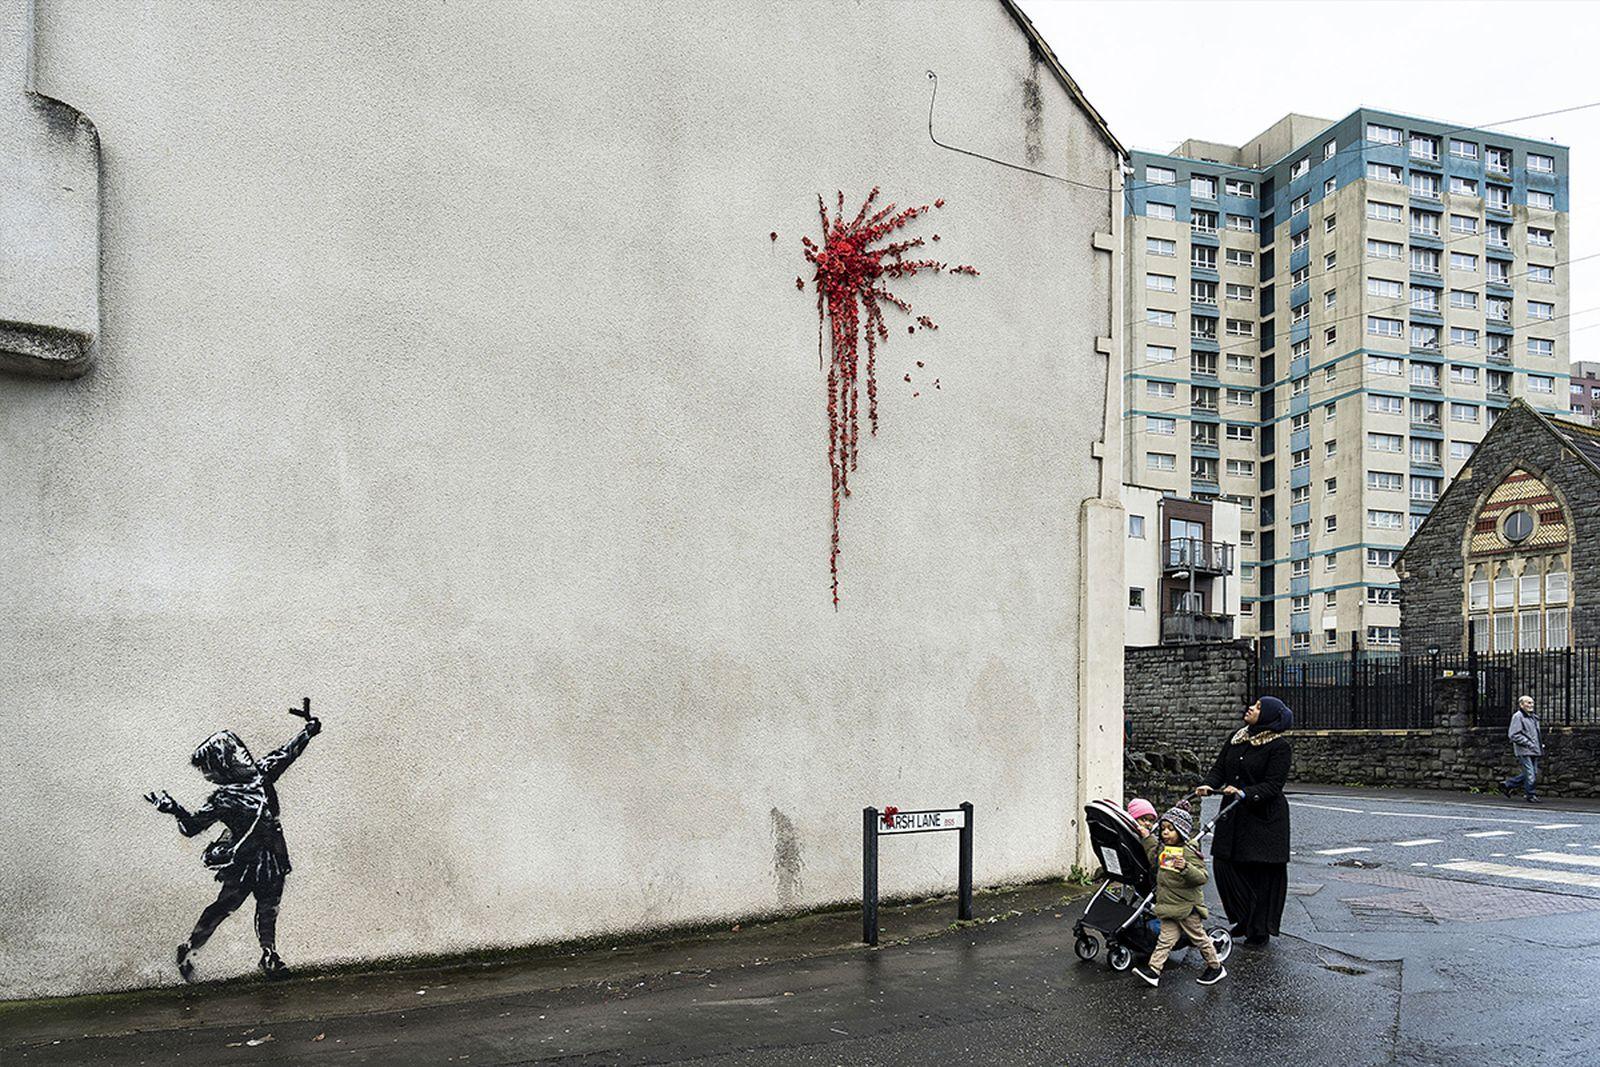 Banksy Valentine's Day Mural